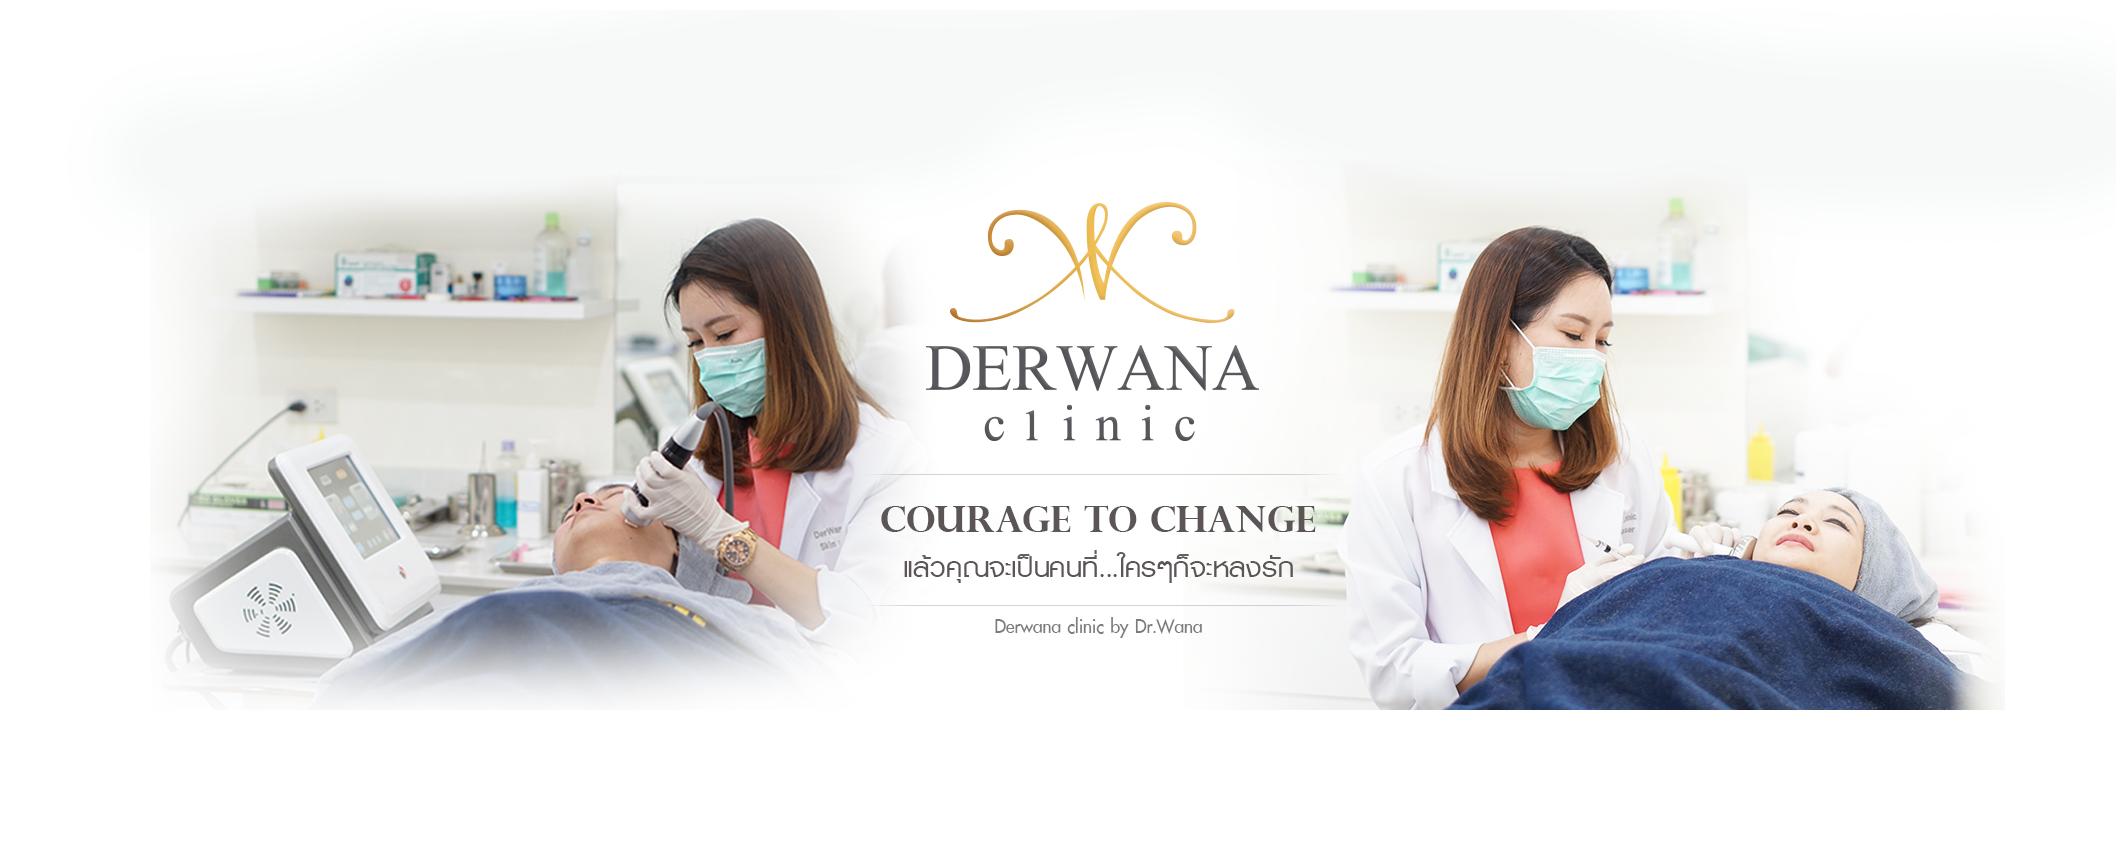 เดอร์วาน่า คลินิก DERWANA Clinic | Courage to Change